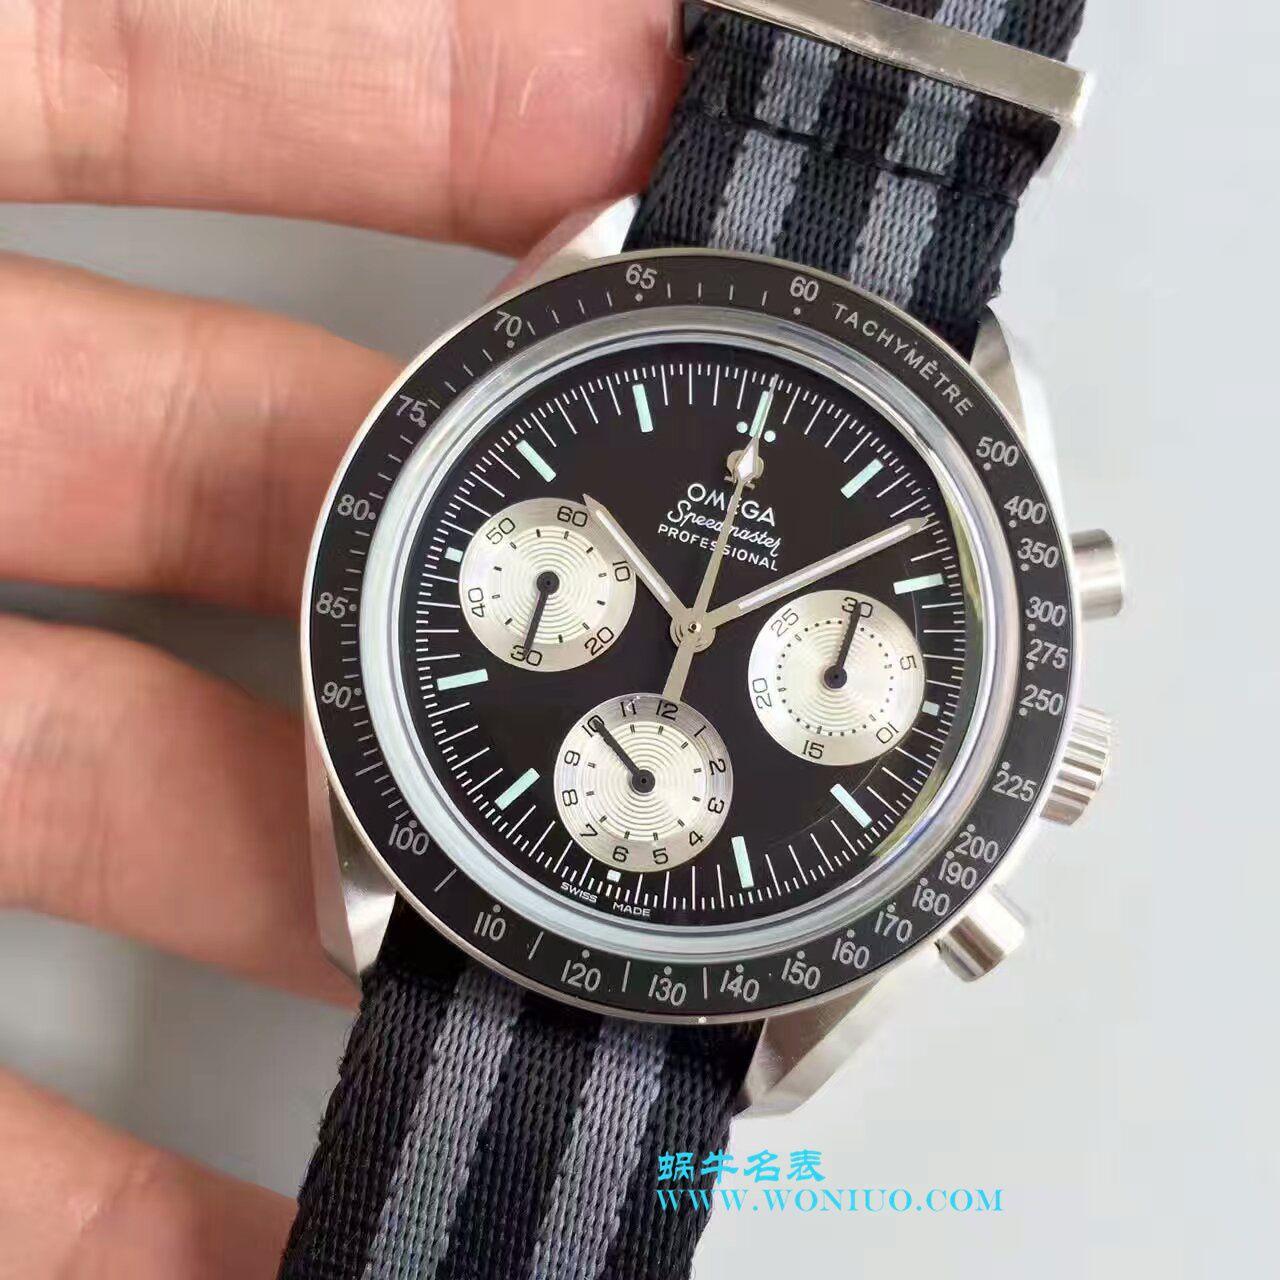 【JH厂一比一超A高仿手表】欧米茄登月超霸系列311.32.42.30.01.001腕表 / M296